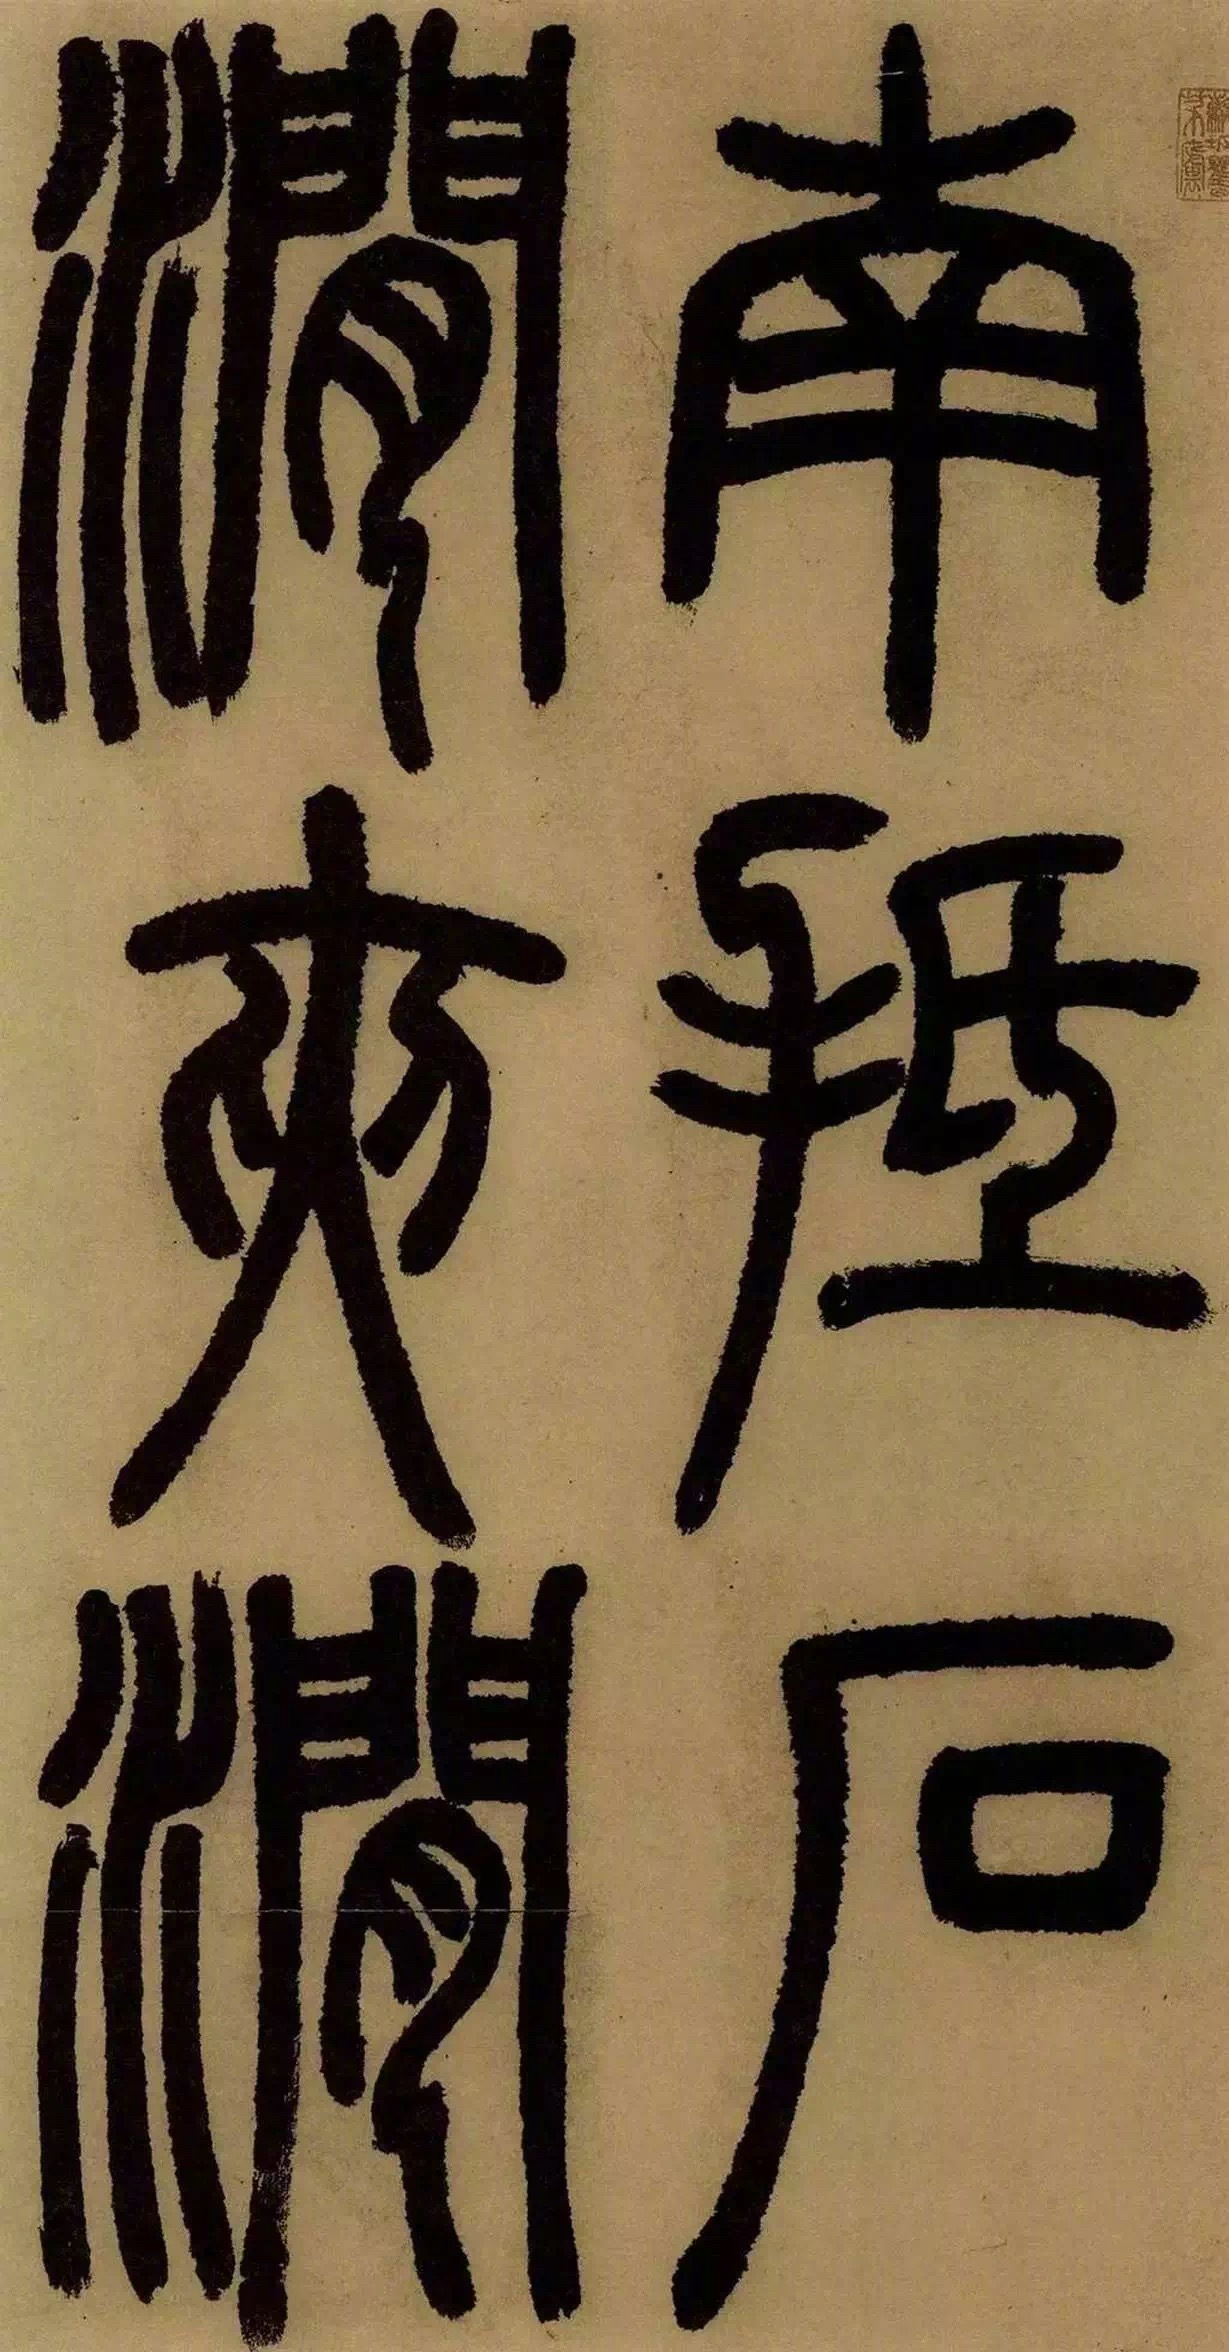 邓石如篆书《庐山草堂记》高清欣赏